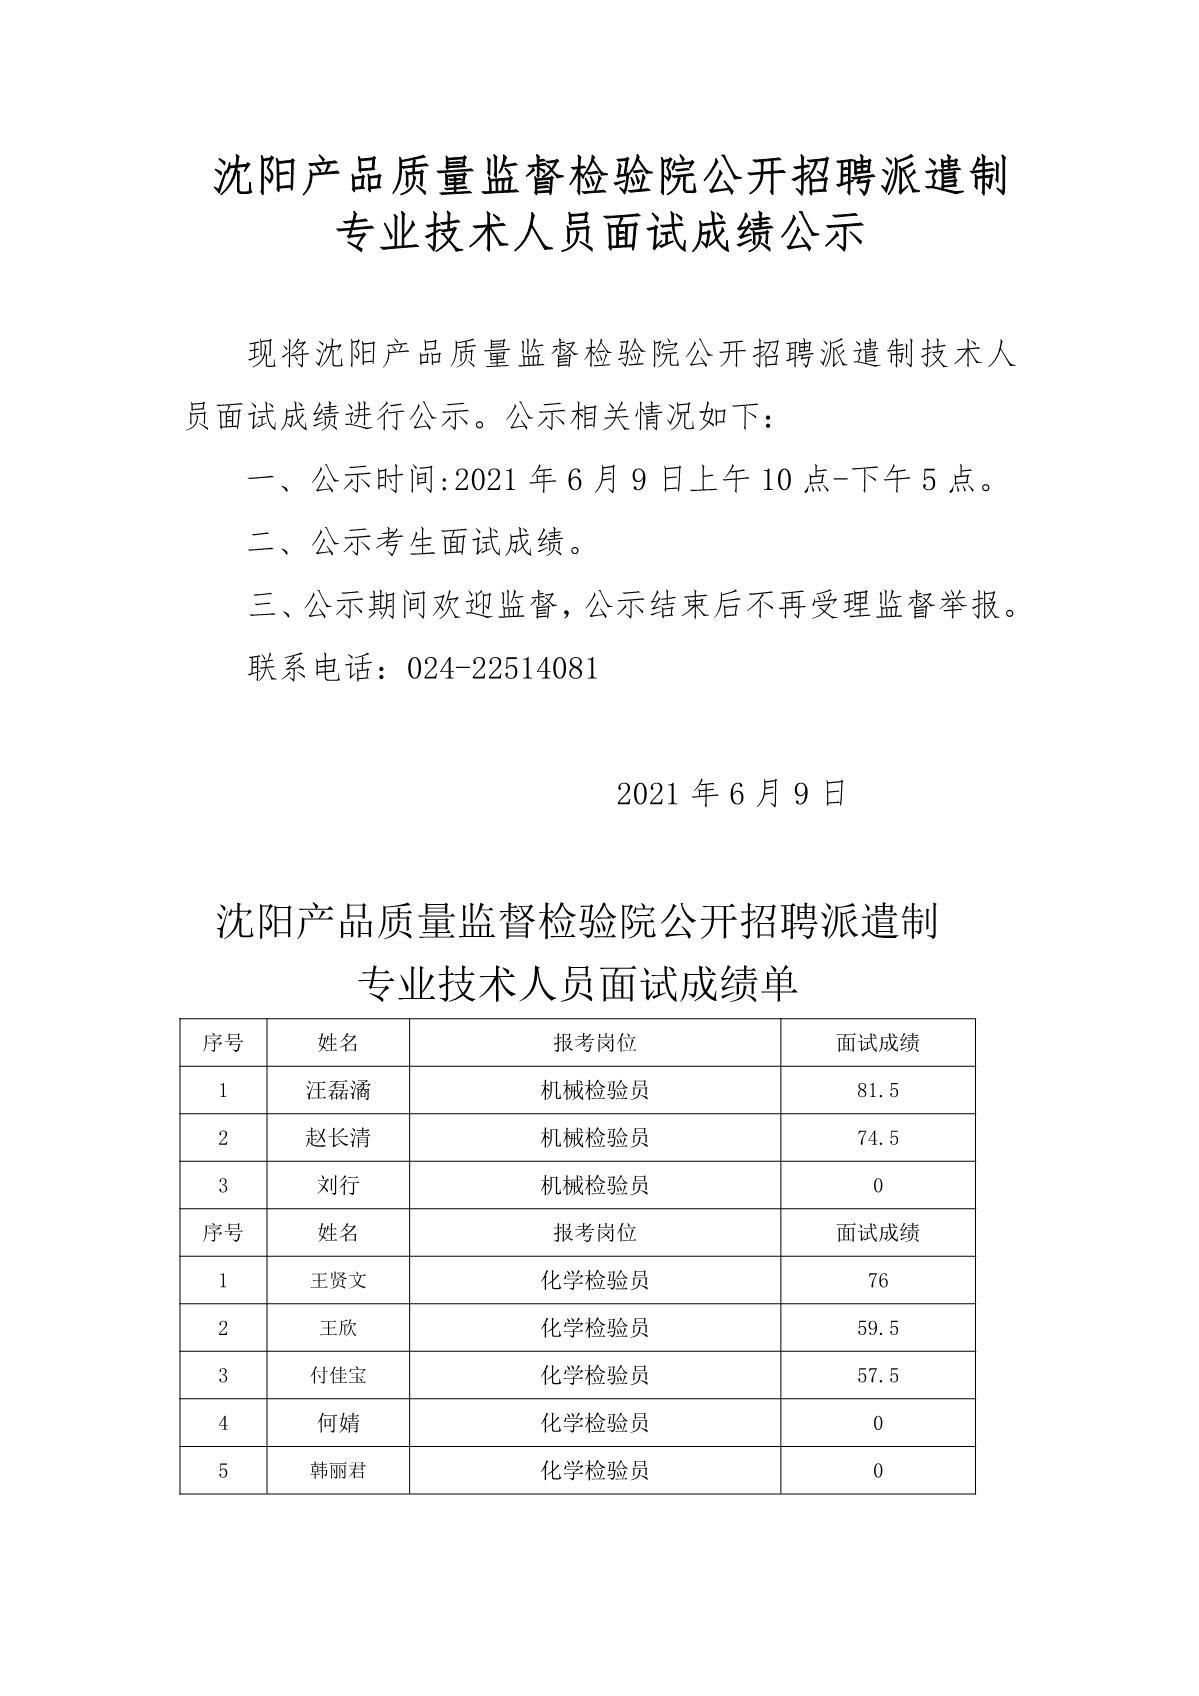 沈阳产品质量监督检验院公开招聘派遣制专业技术人员面试成绩公示